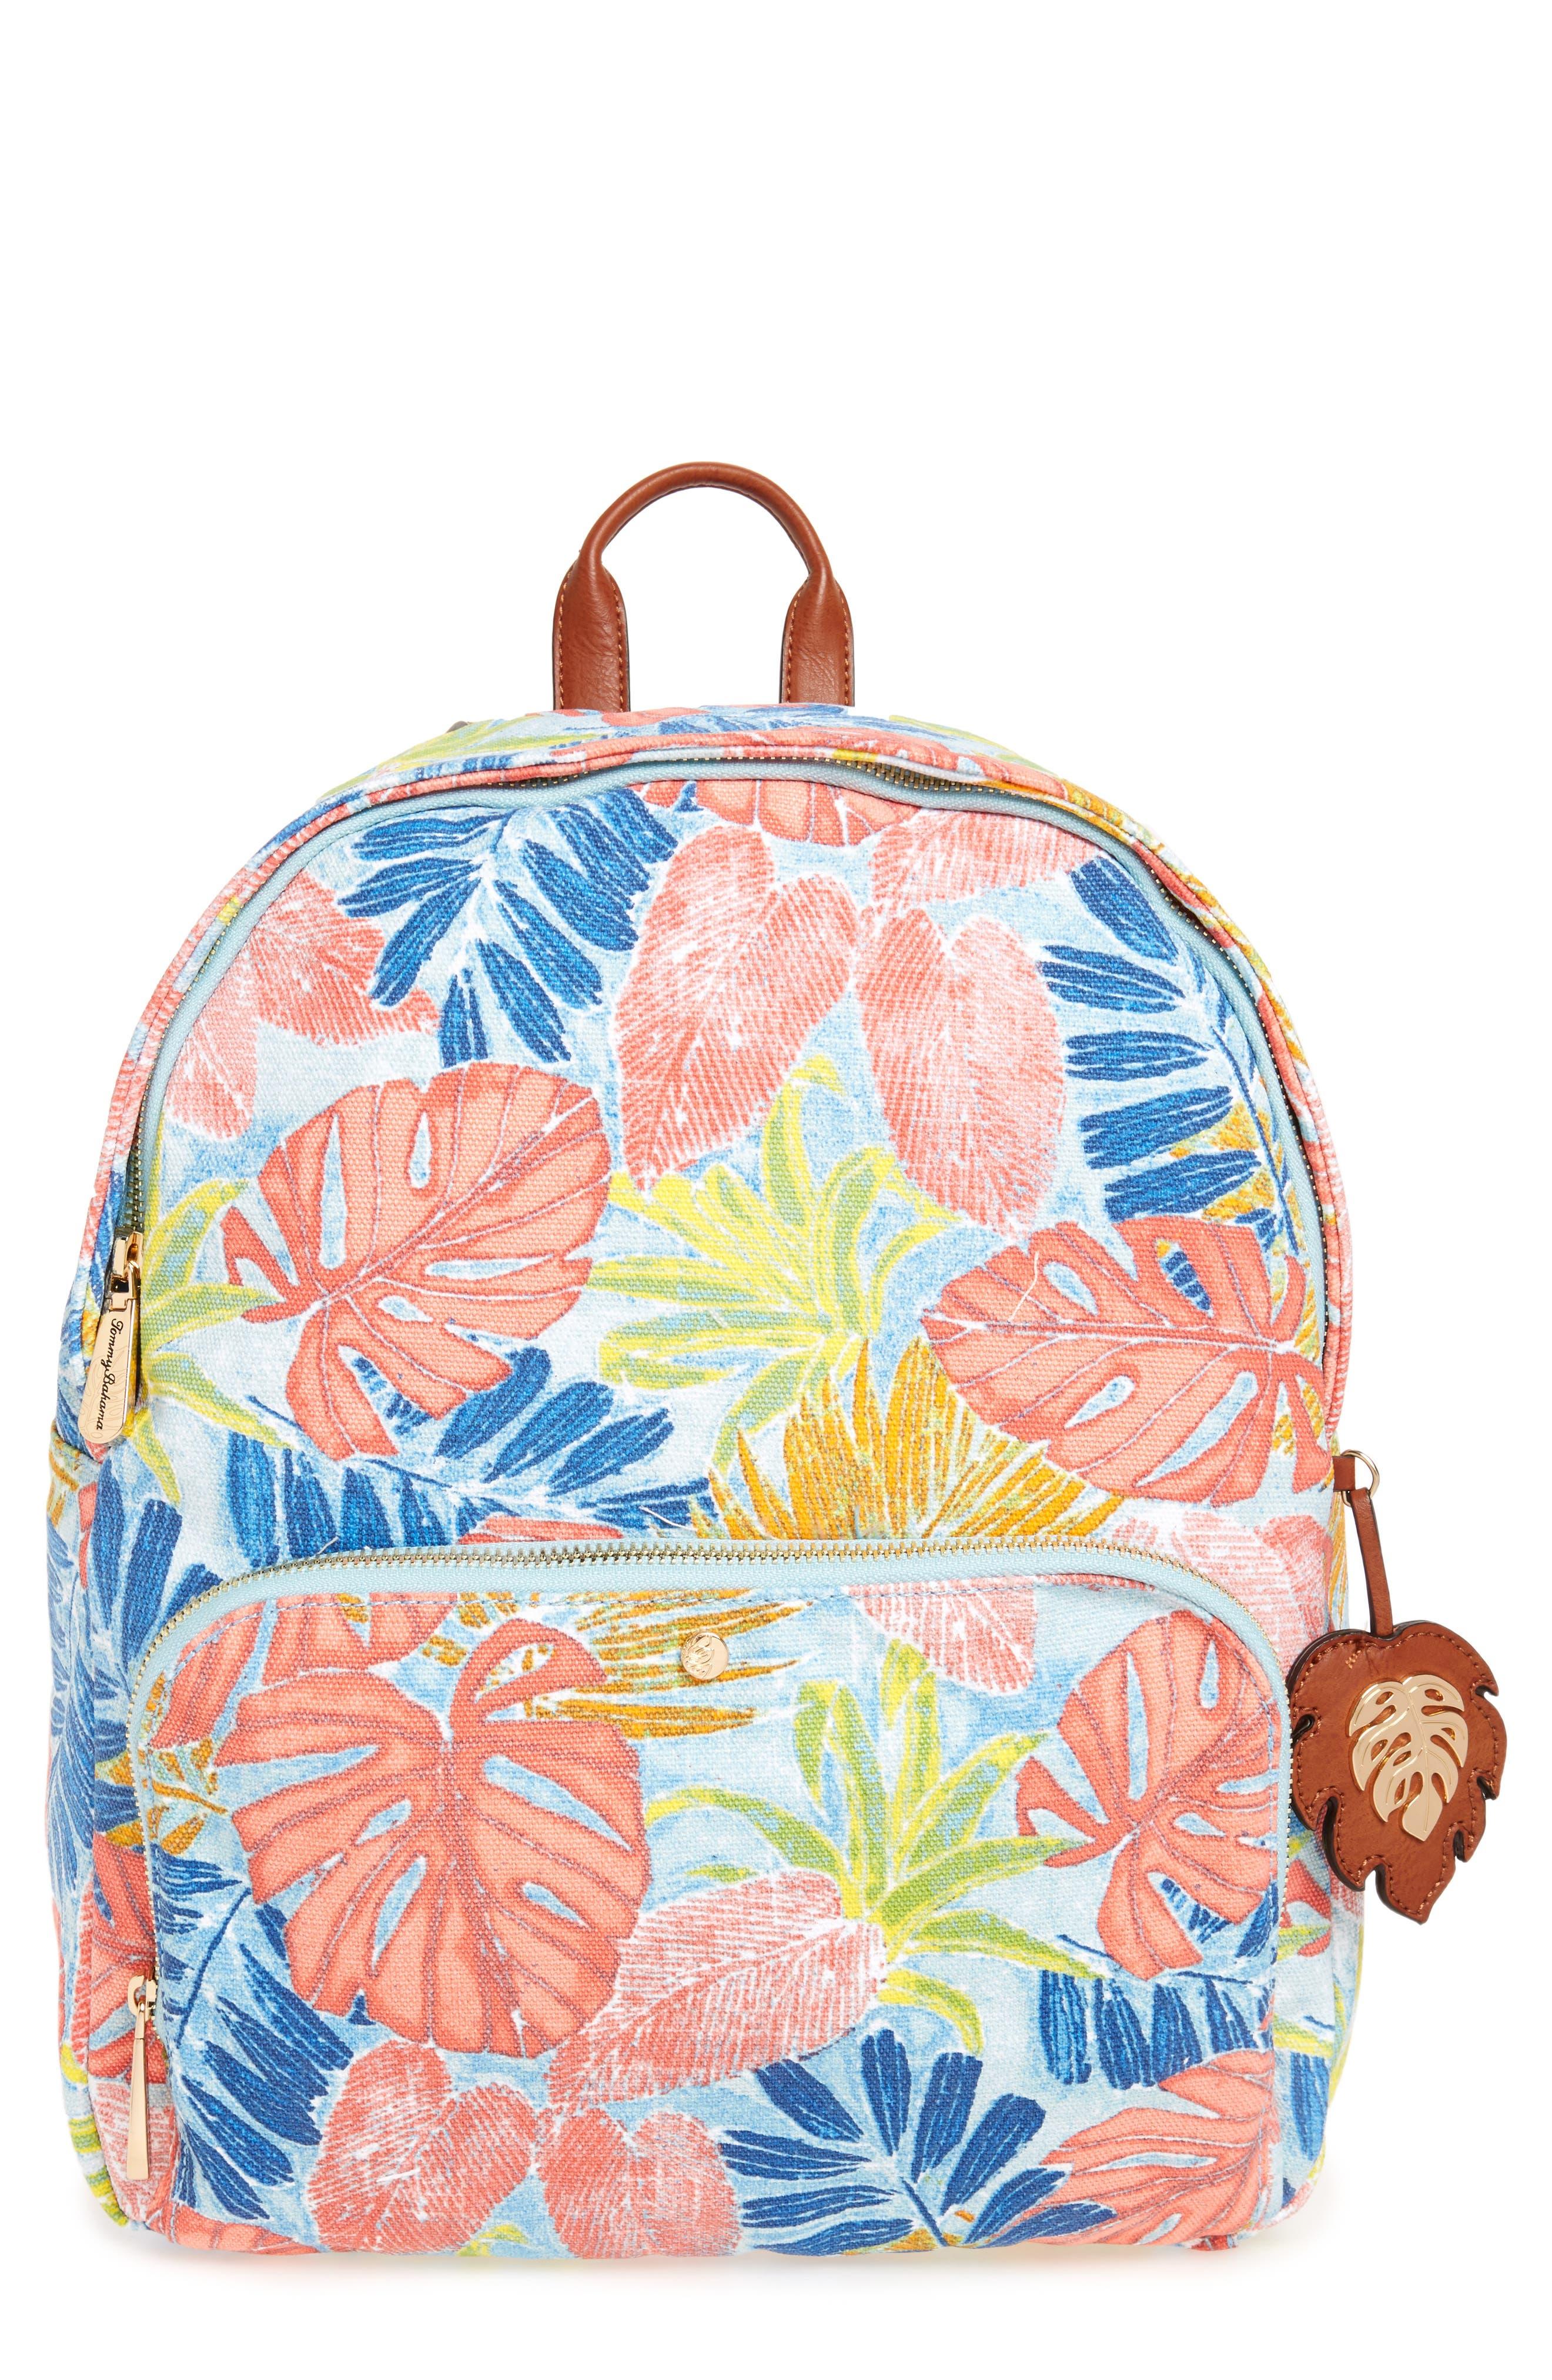 Tommy Bahama Maui Backpack